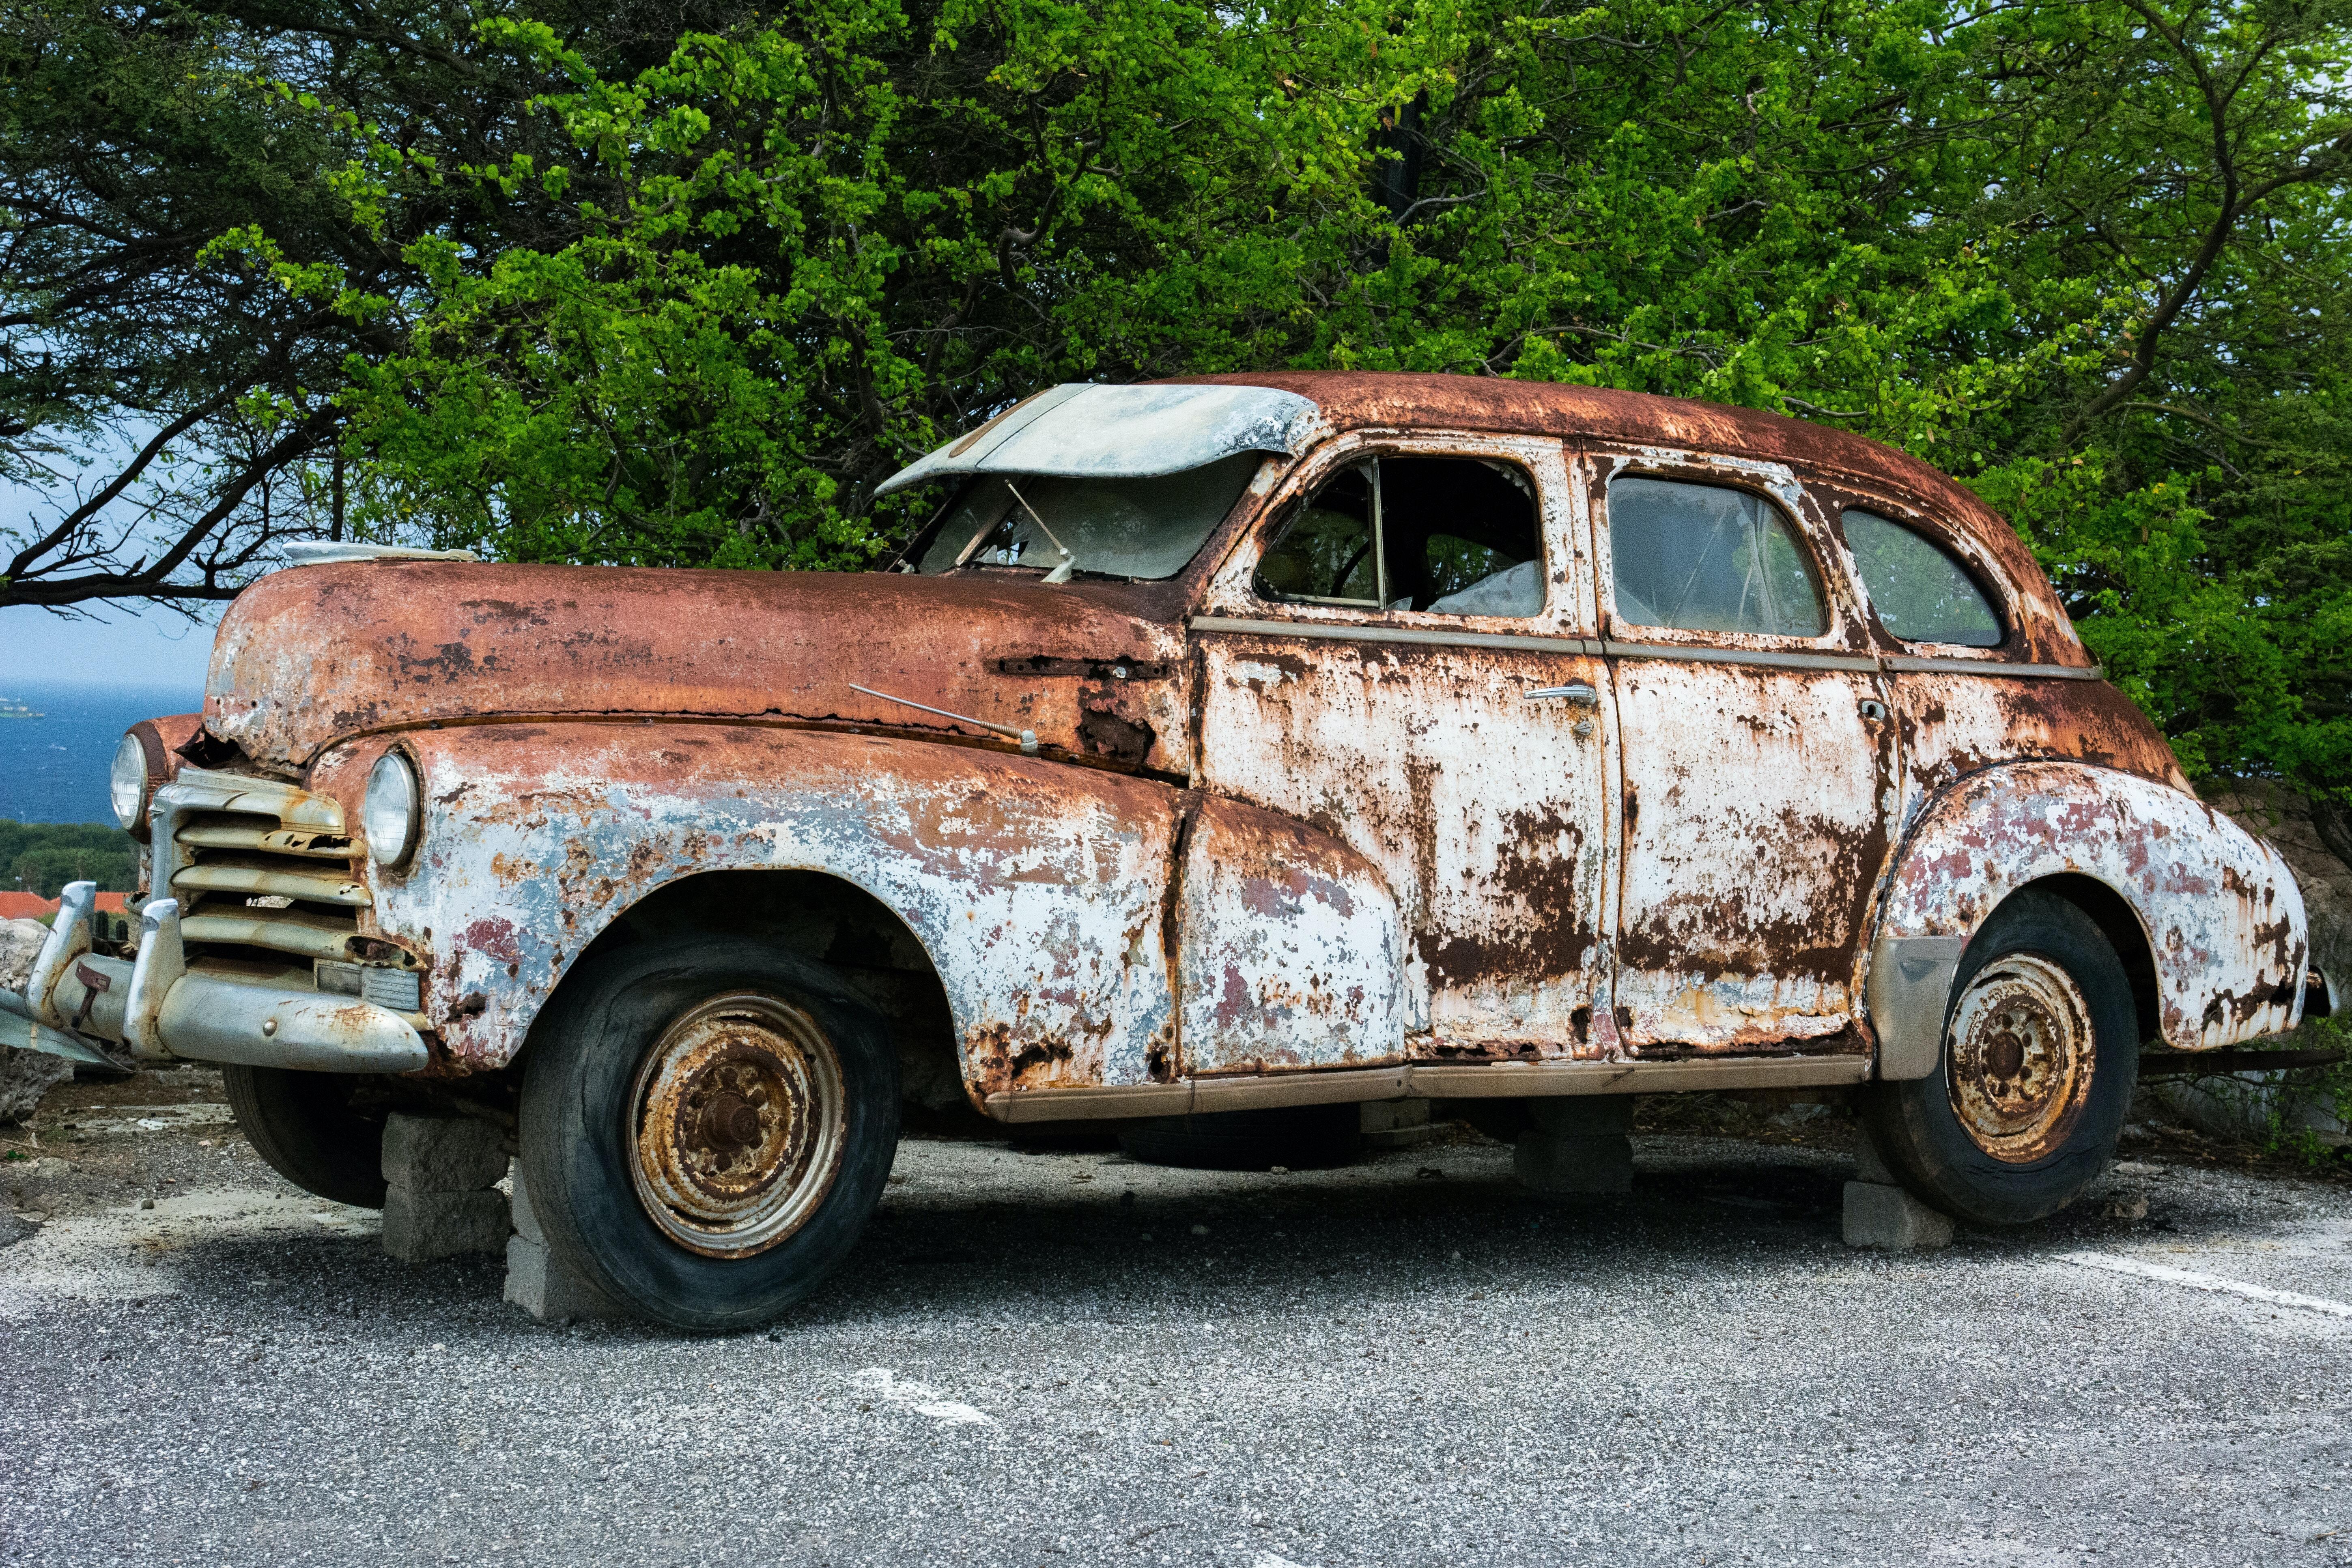 Картинка: Автомобиль, старый, ржавый, подпорки, кирпичи, асфальт, деревья